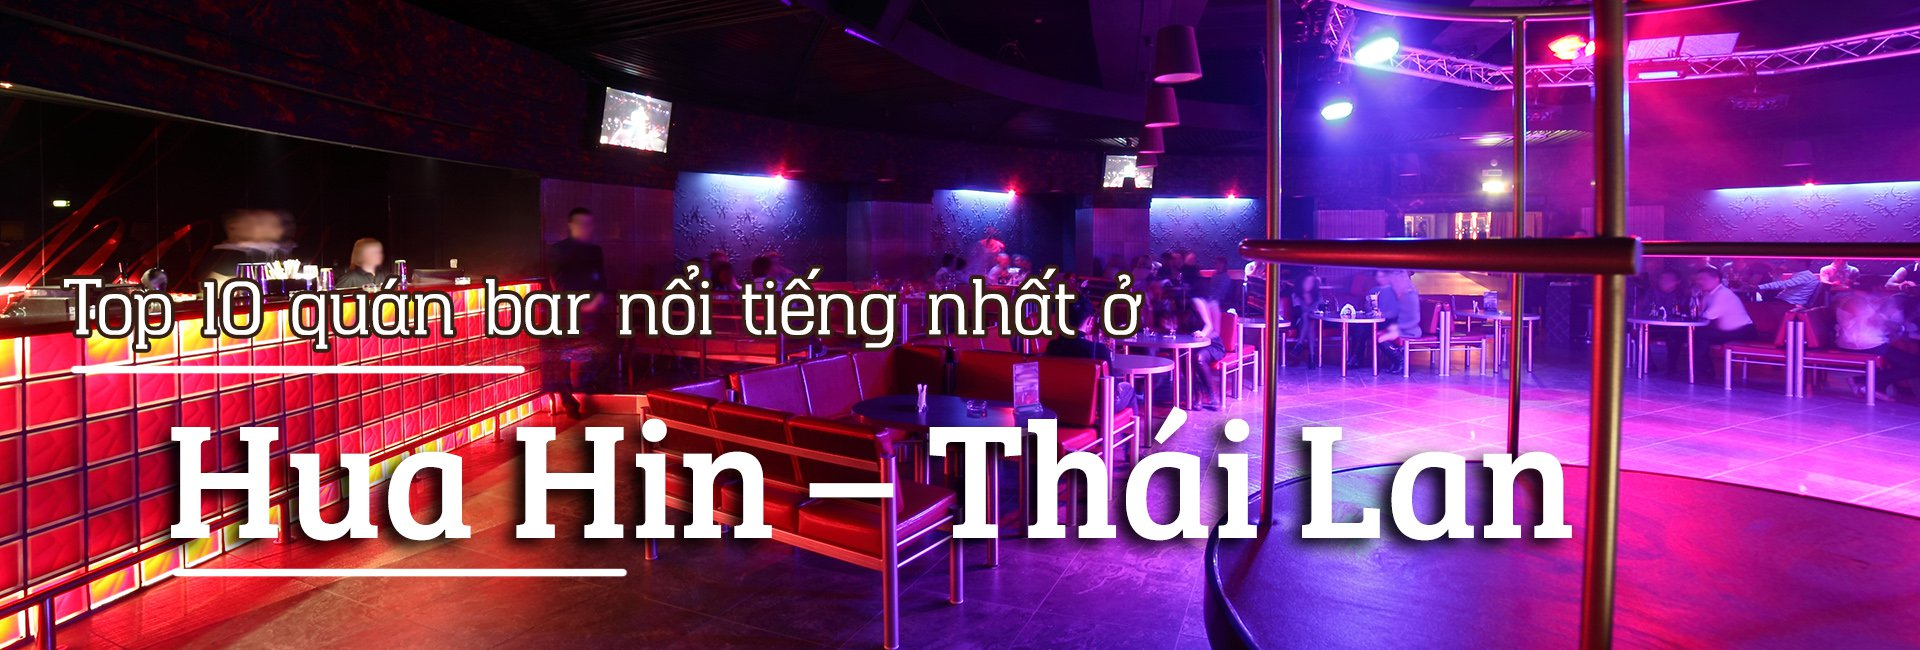 Top 10 quán bar nổi tiếng nhất ở Hua Hin, Thái Lan